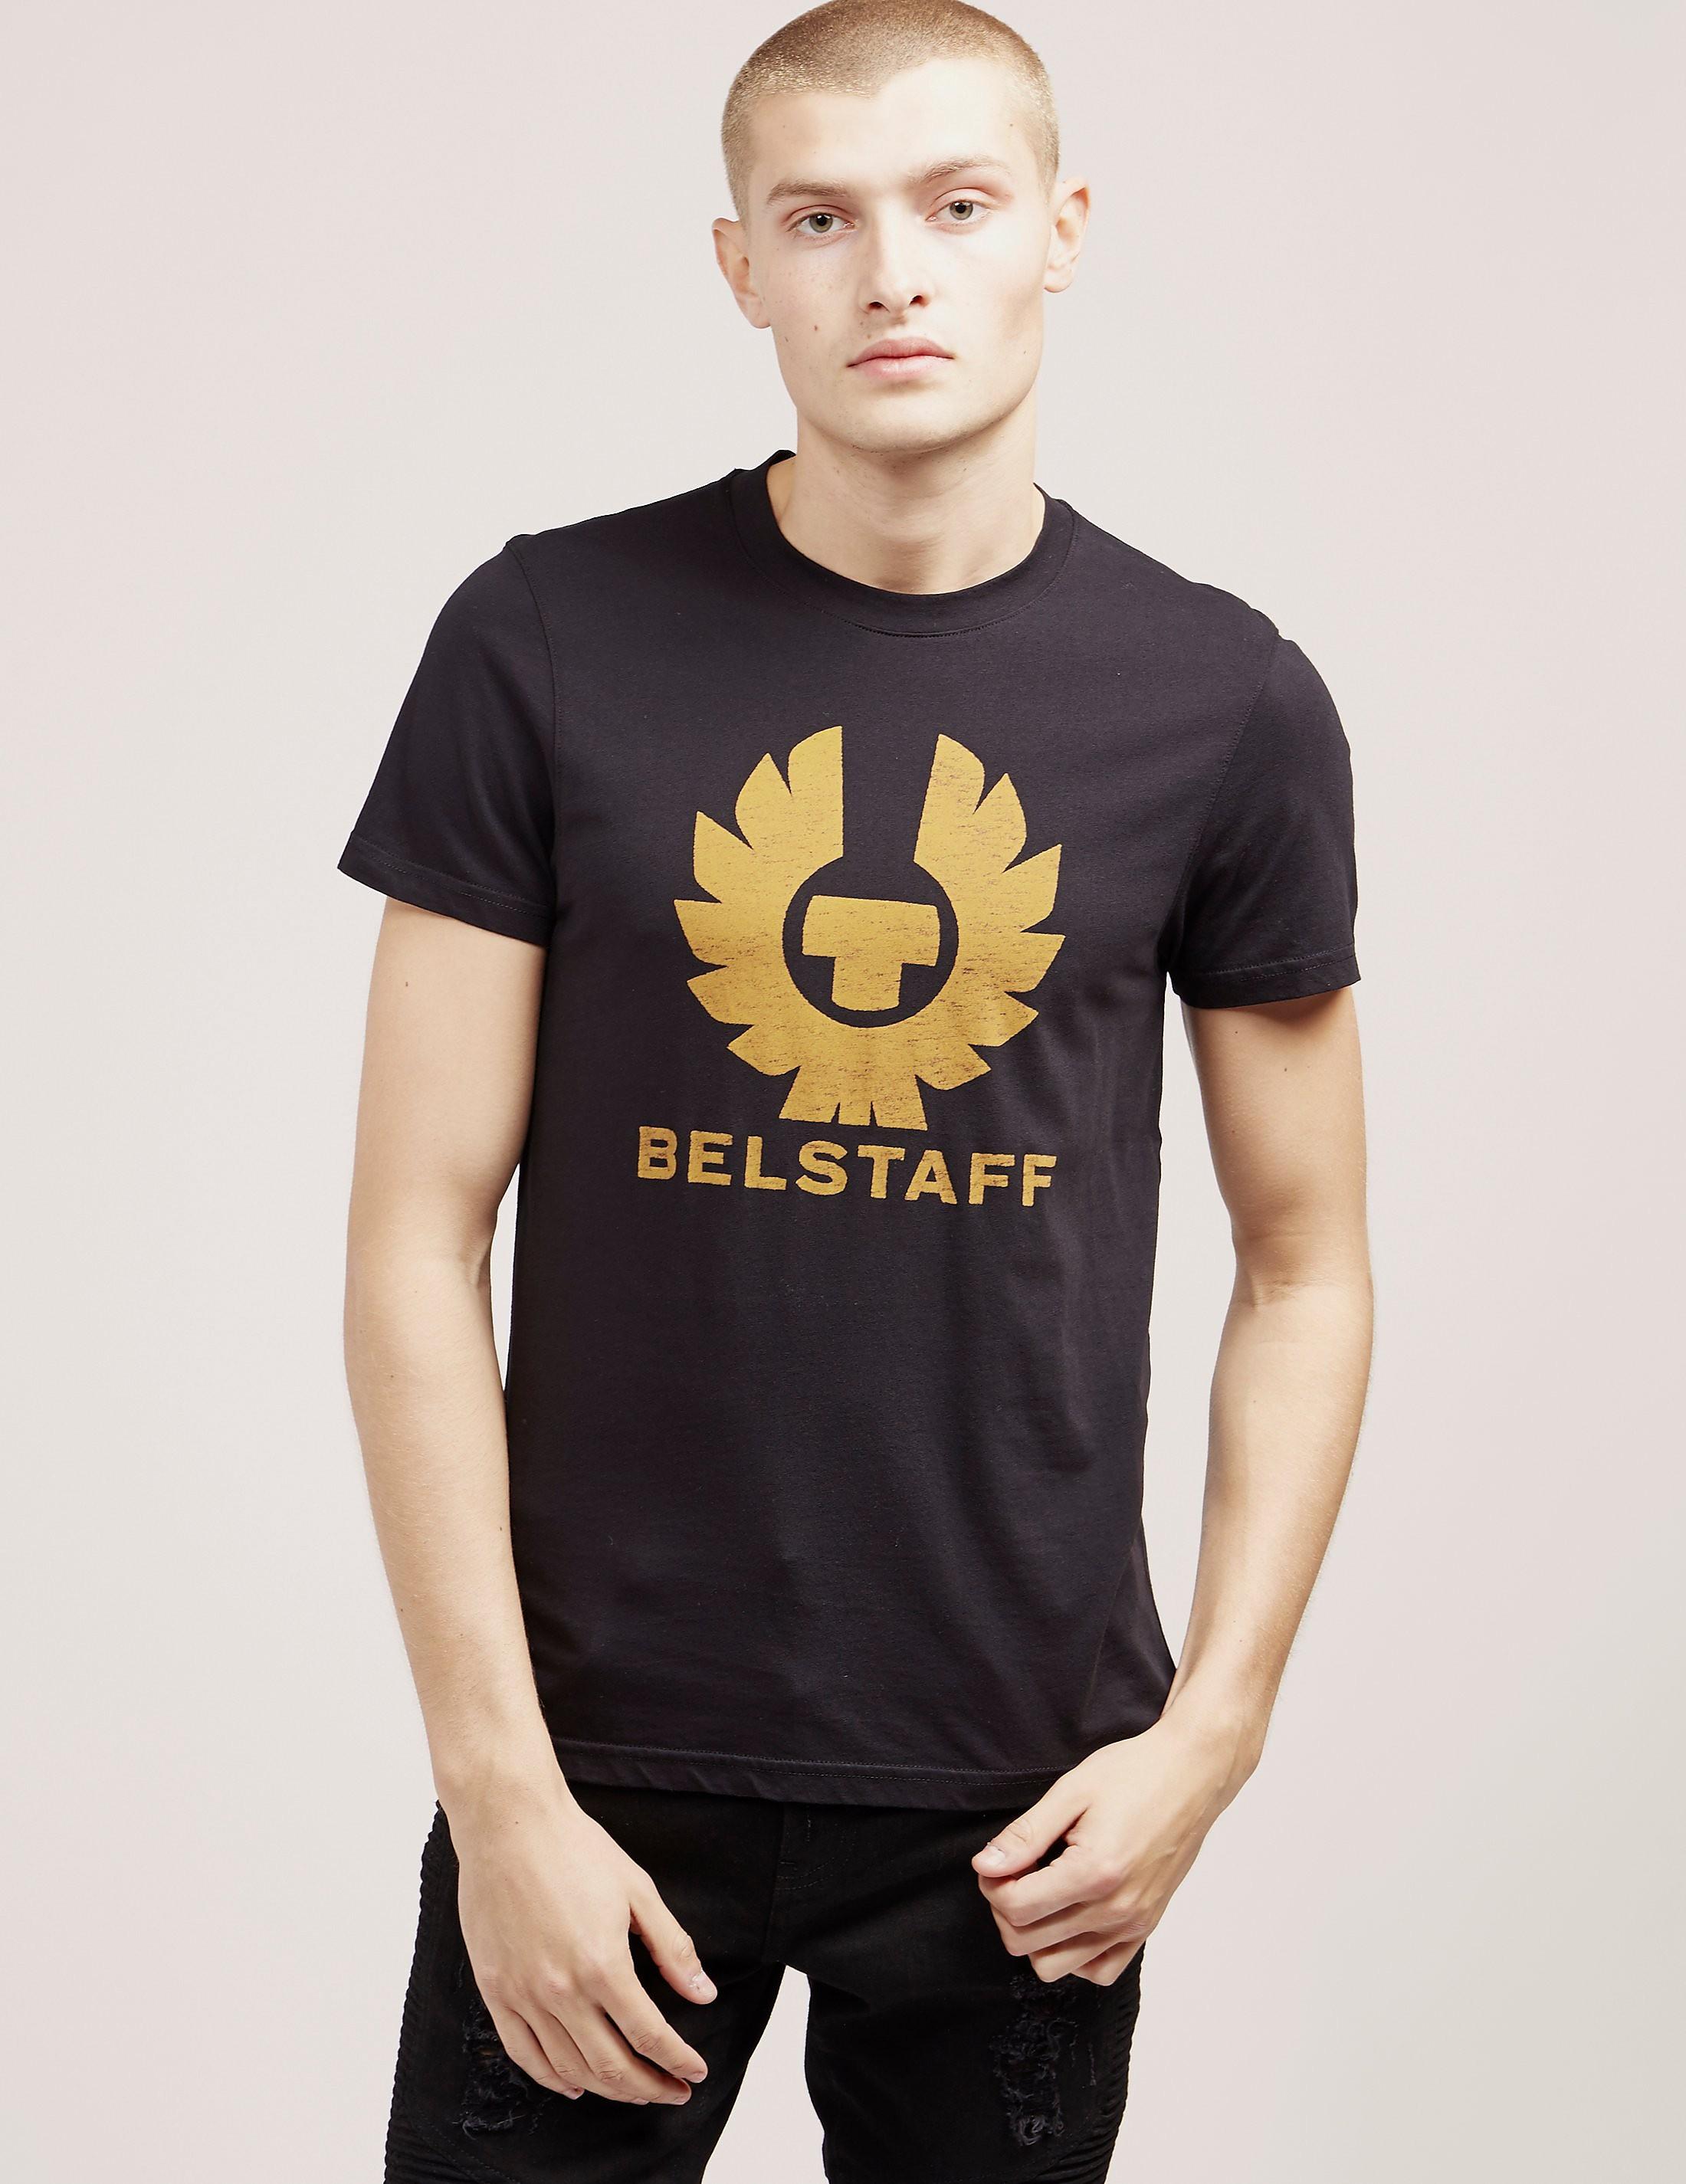 Belstaff Brand Short Sleeve T-Shirt